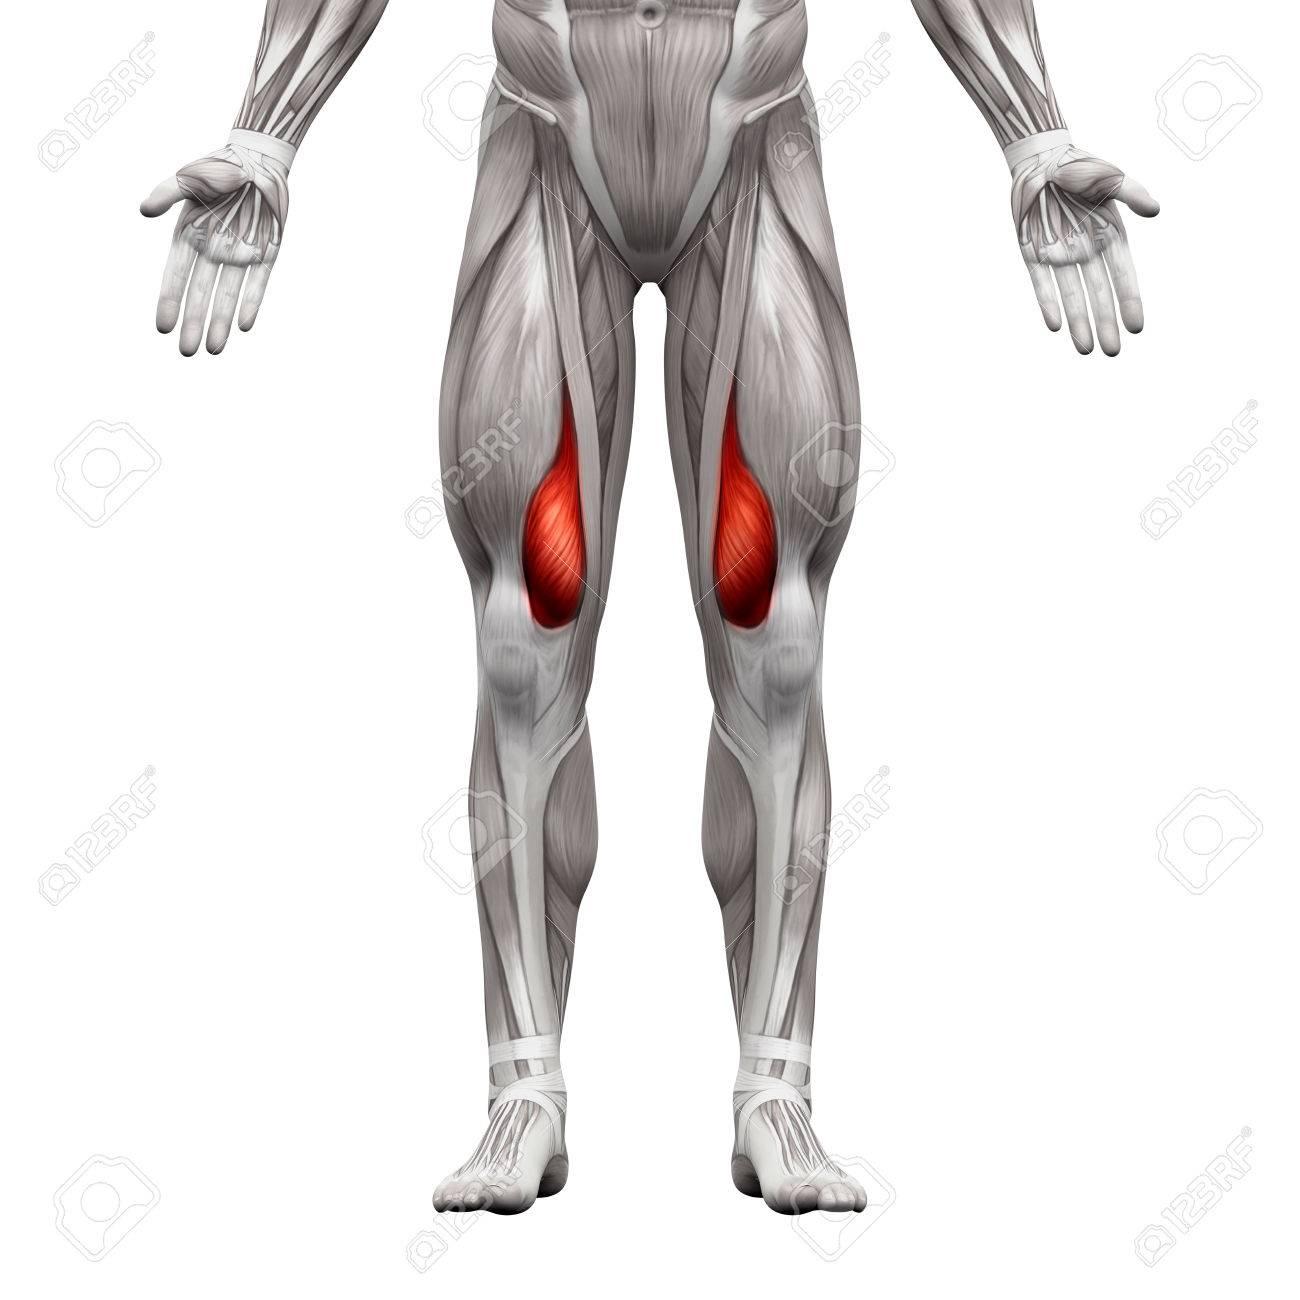 M. Vastus Medialis - Anatomie Muskeln Isoliert Auf Weiß - 3D ...